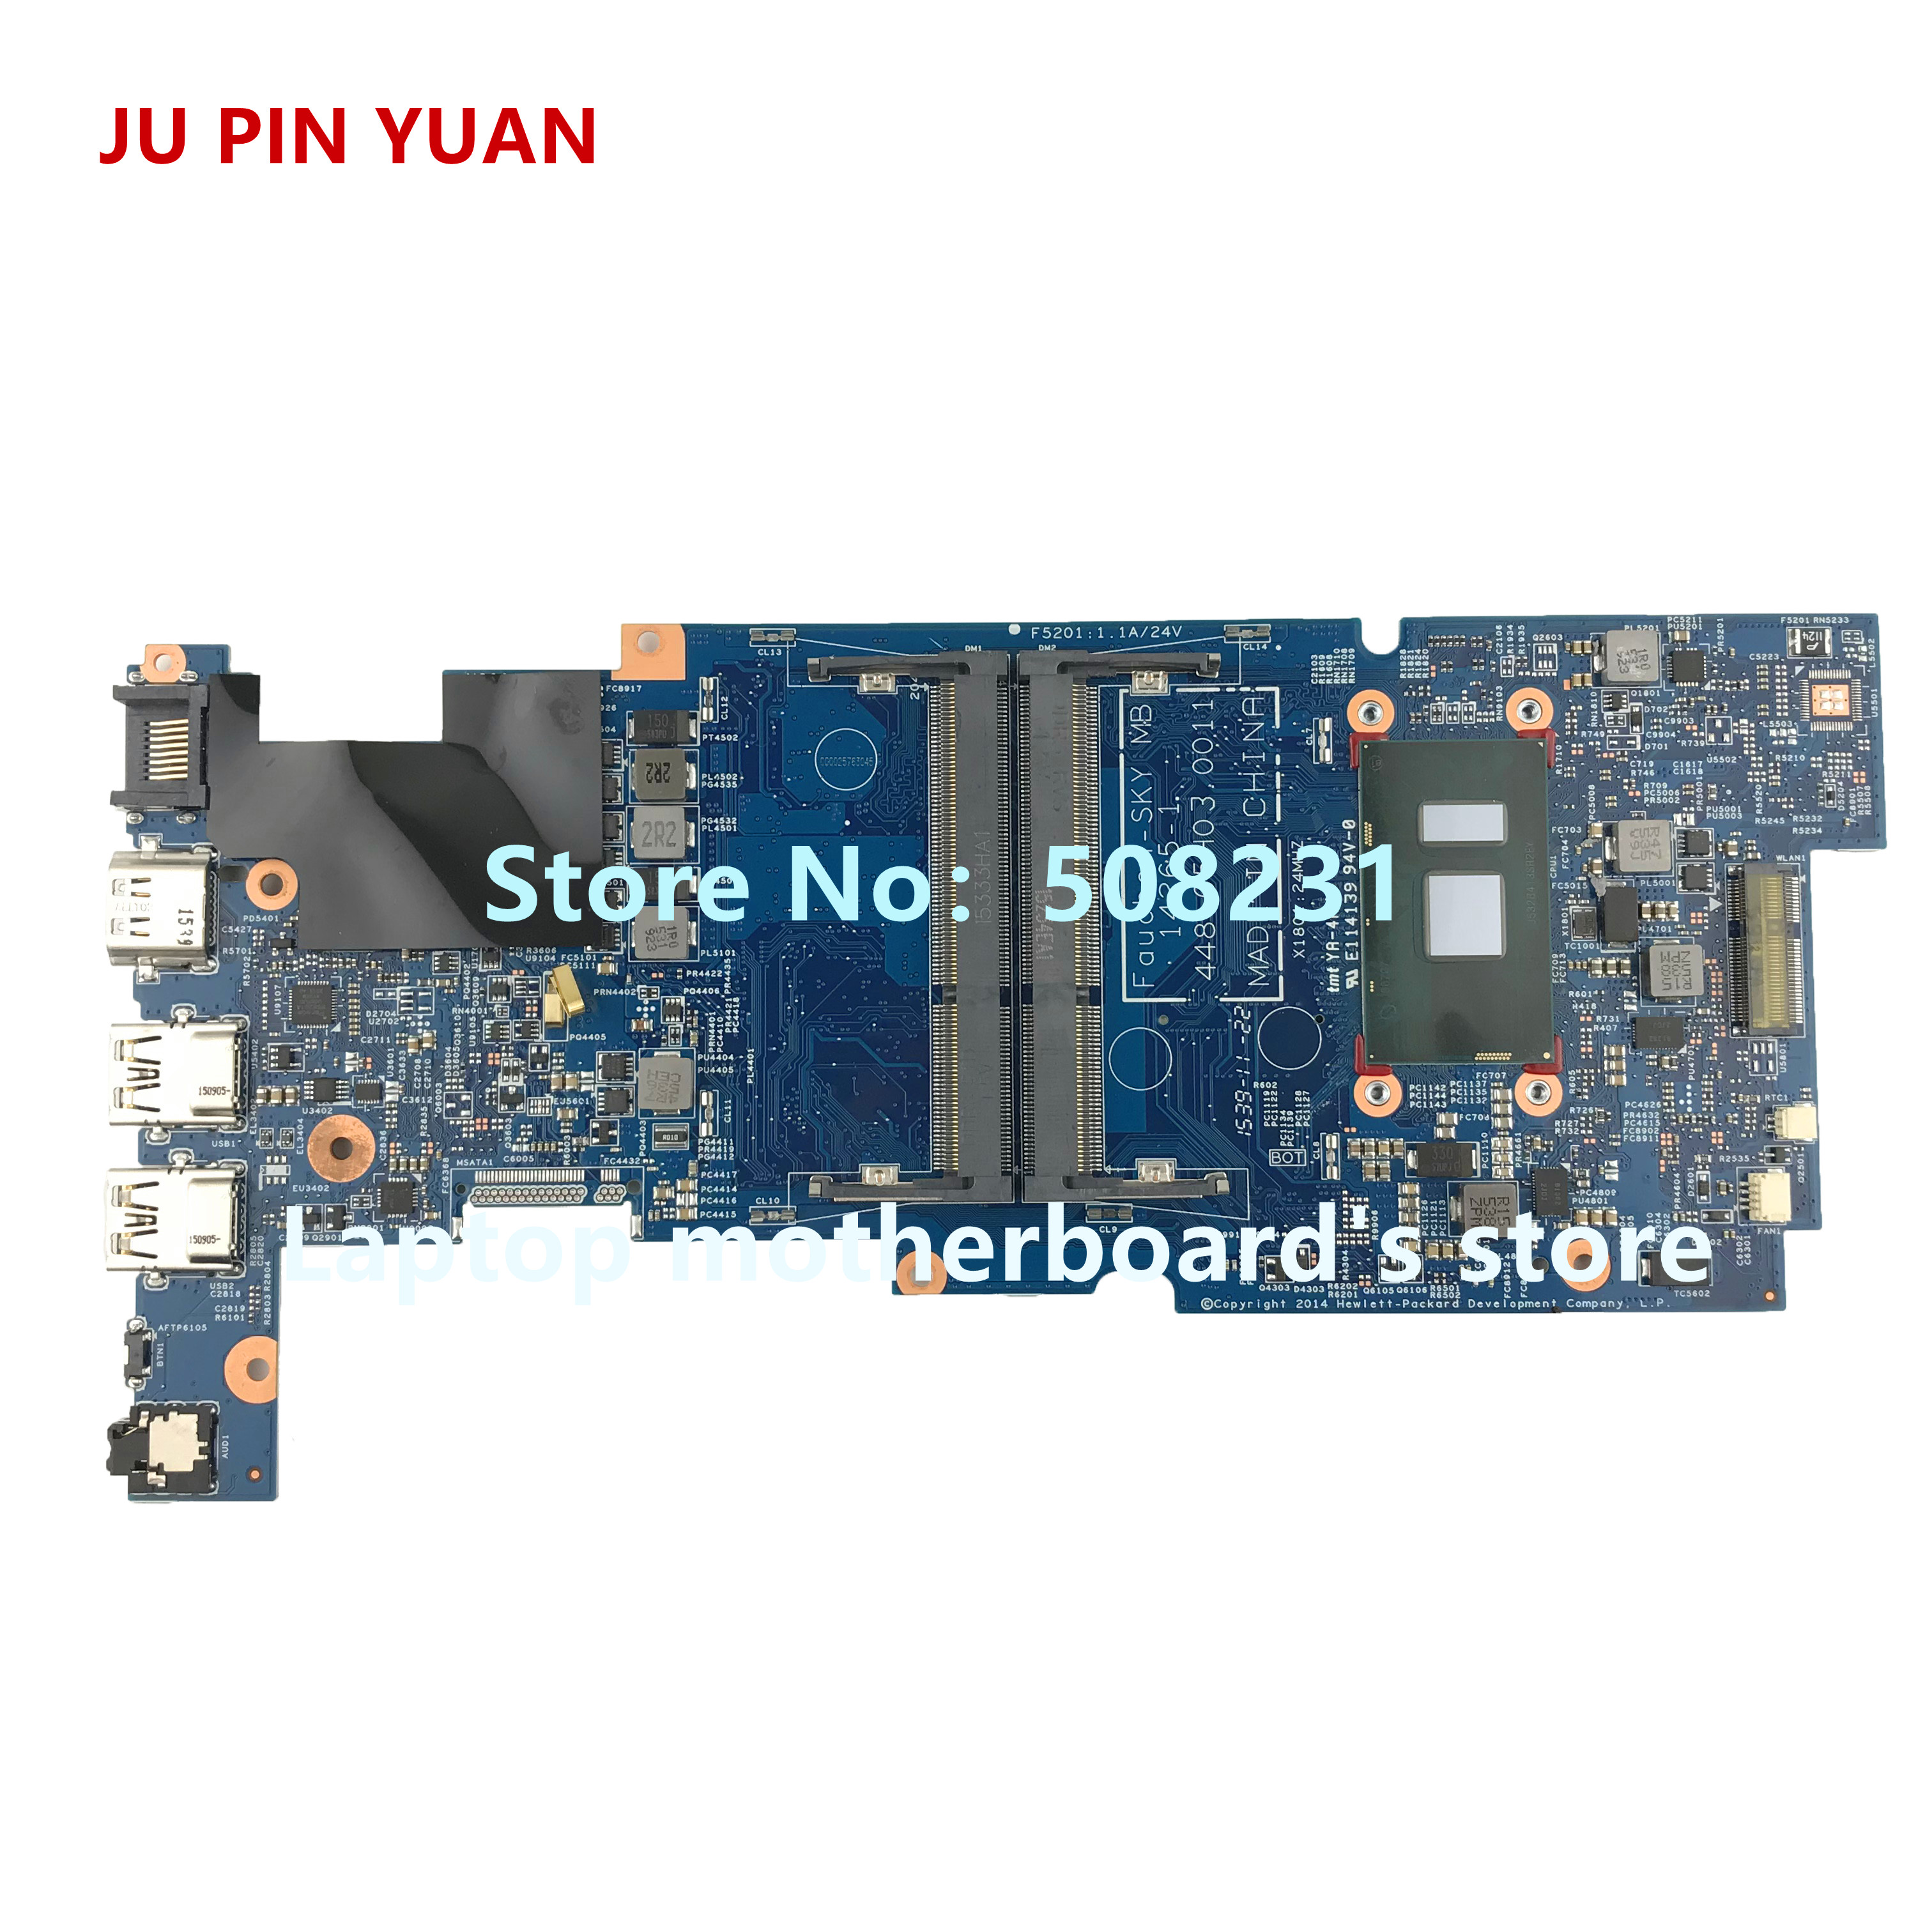 JU PIN YUAN 827823-501 827823-601 for HP PAVILION 13-S X360  13-S199NR Laptop motherboard 14265-1 448.05H03.0011 with i5-6200UJU PIN YUAN 827823-501 827823-601 for HP PAVILION 13-S X360  13-S199NR Laptop motherboard 14265-1 448.05H03.0011 with i5-6200U